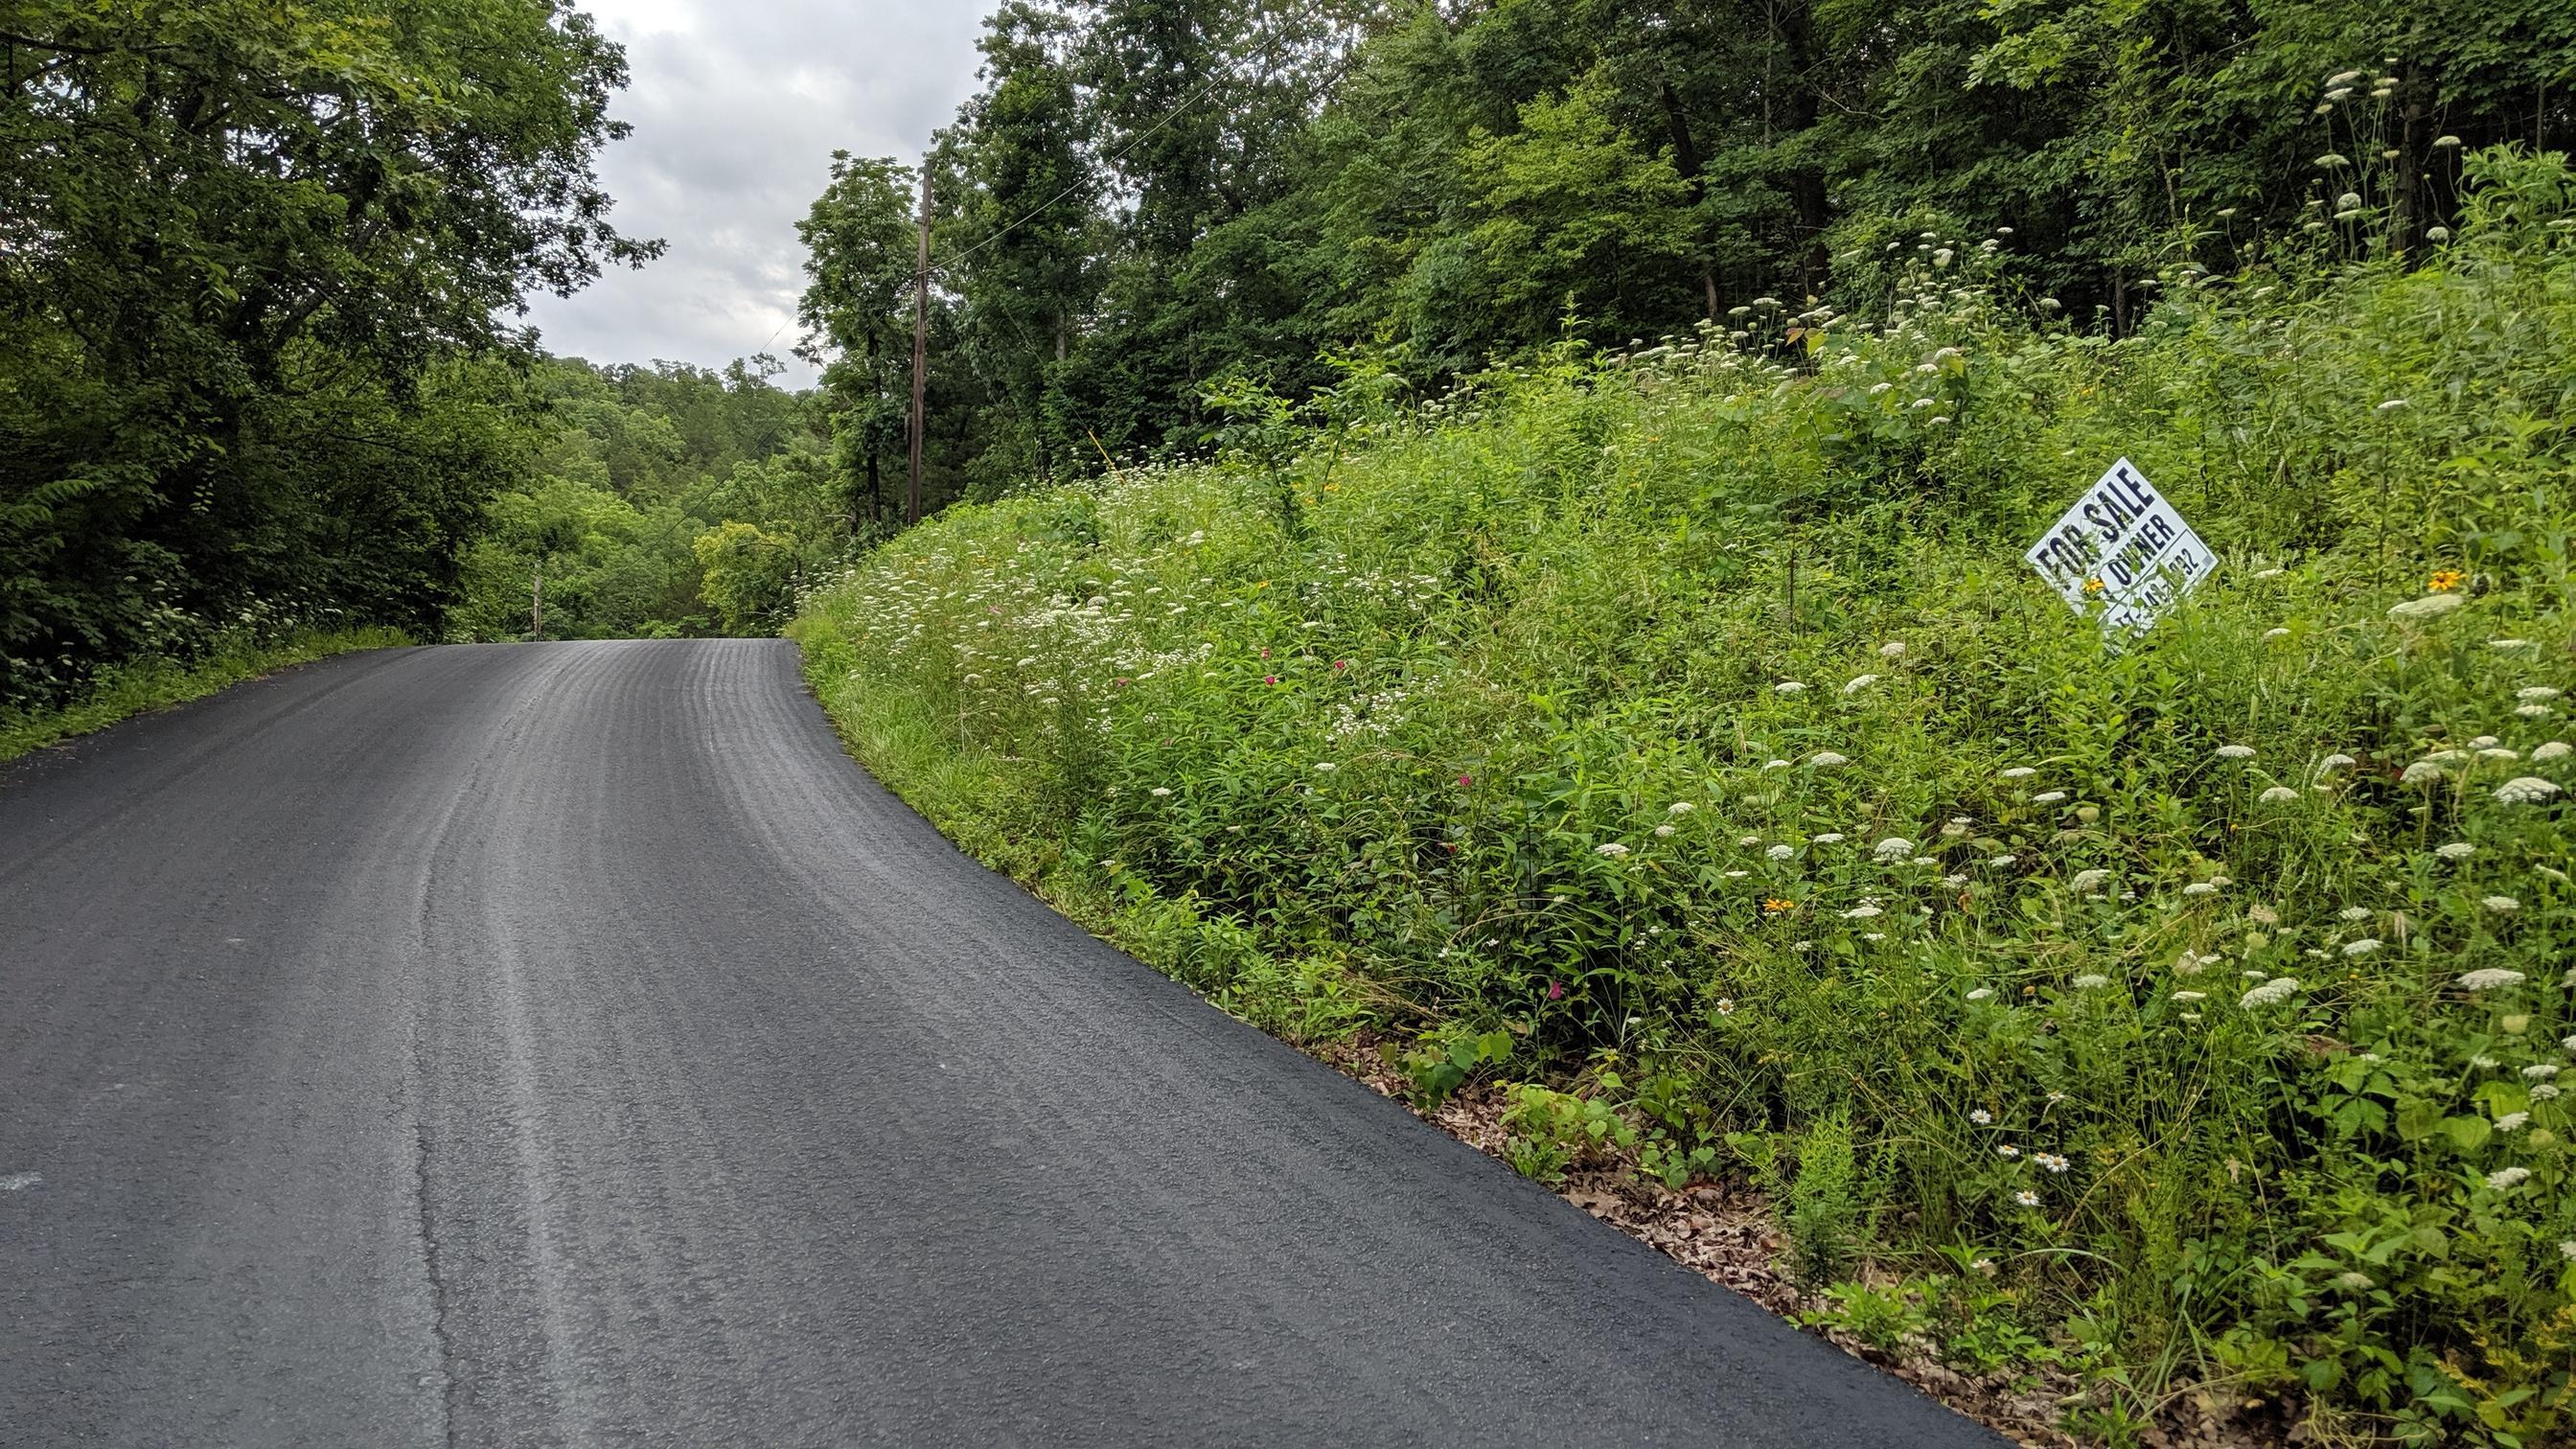 Tbd Farm Road 2208 Shell Knob, MO 65747